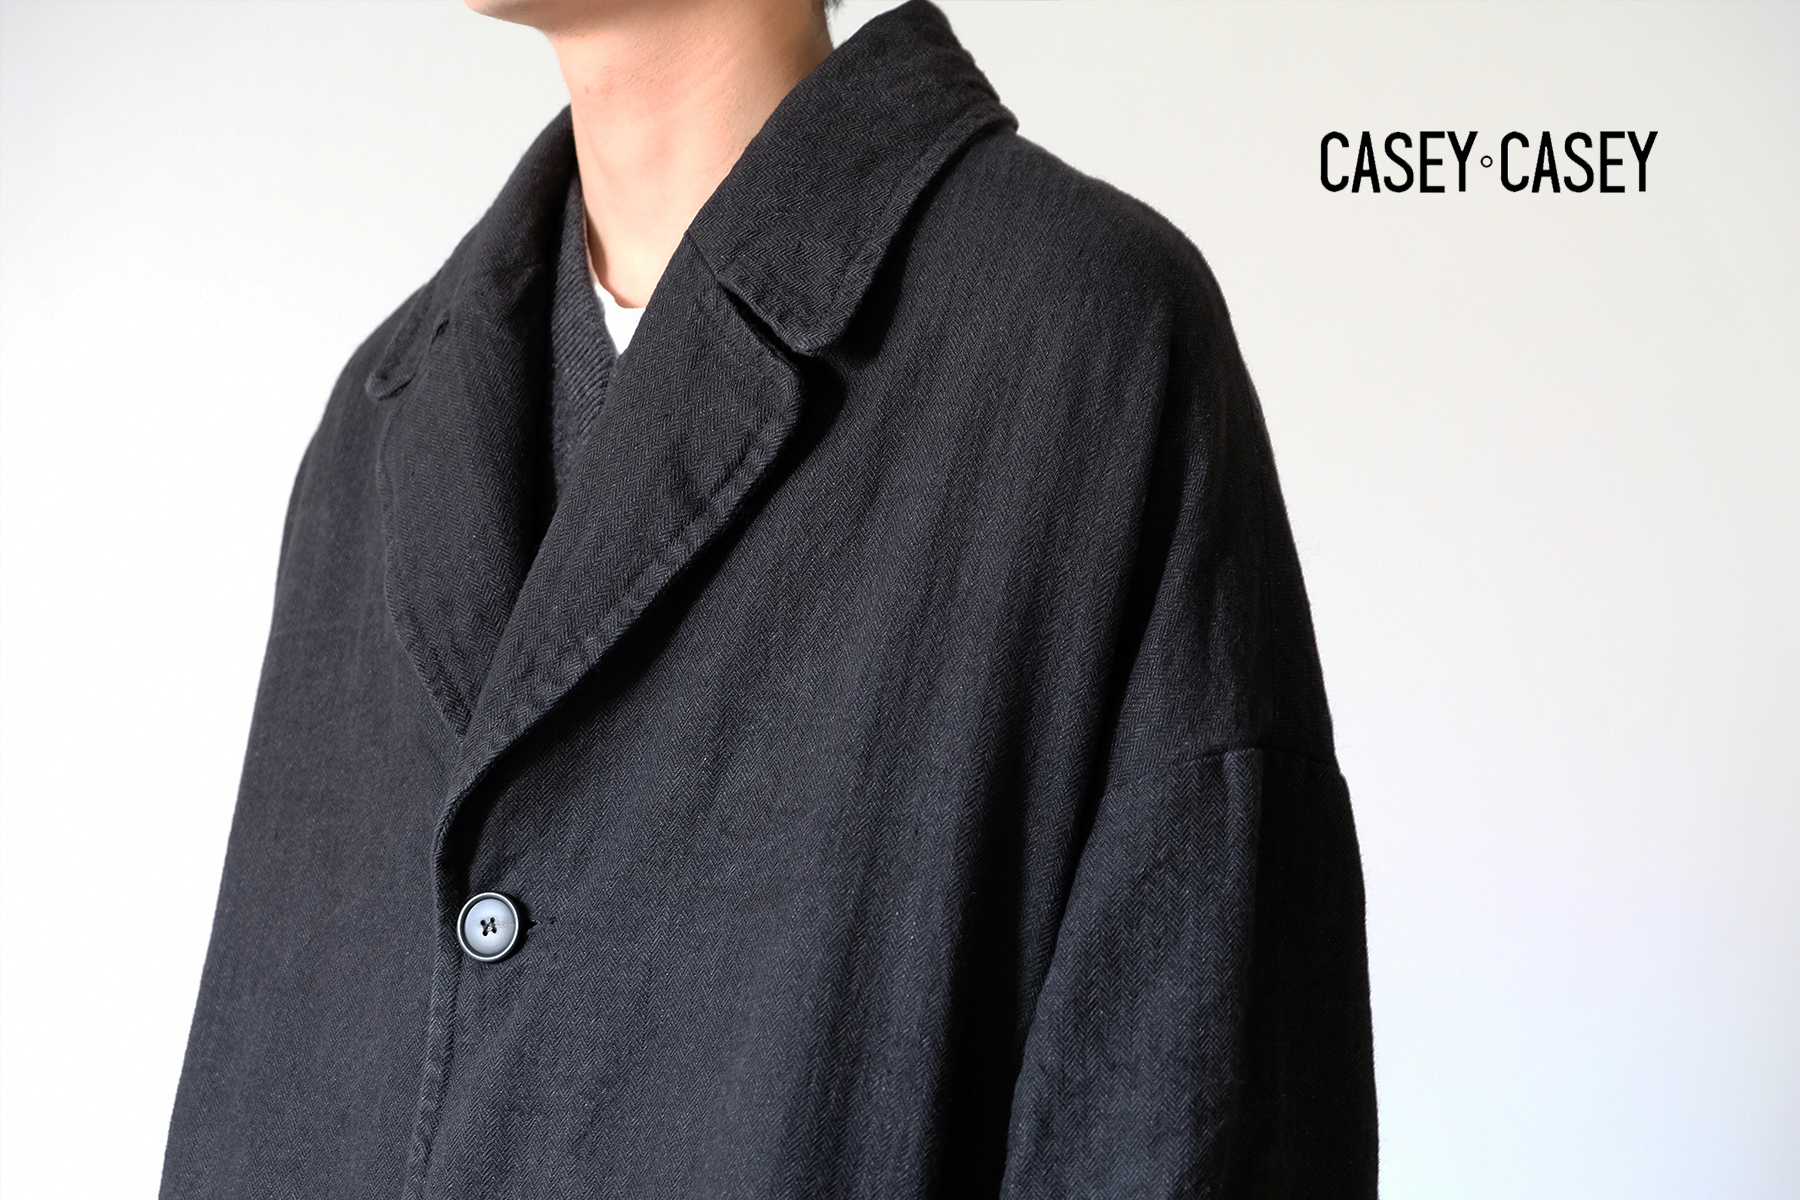 CASEY CASEY|ケイシーケイシー 20AW Vol.2